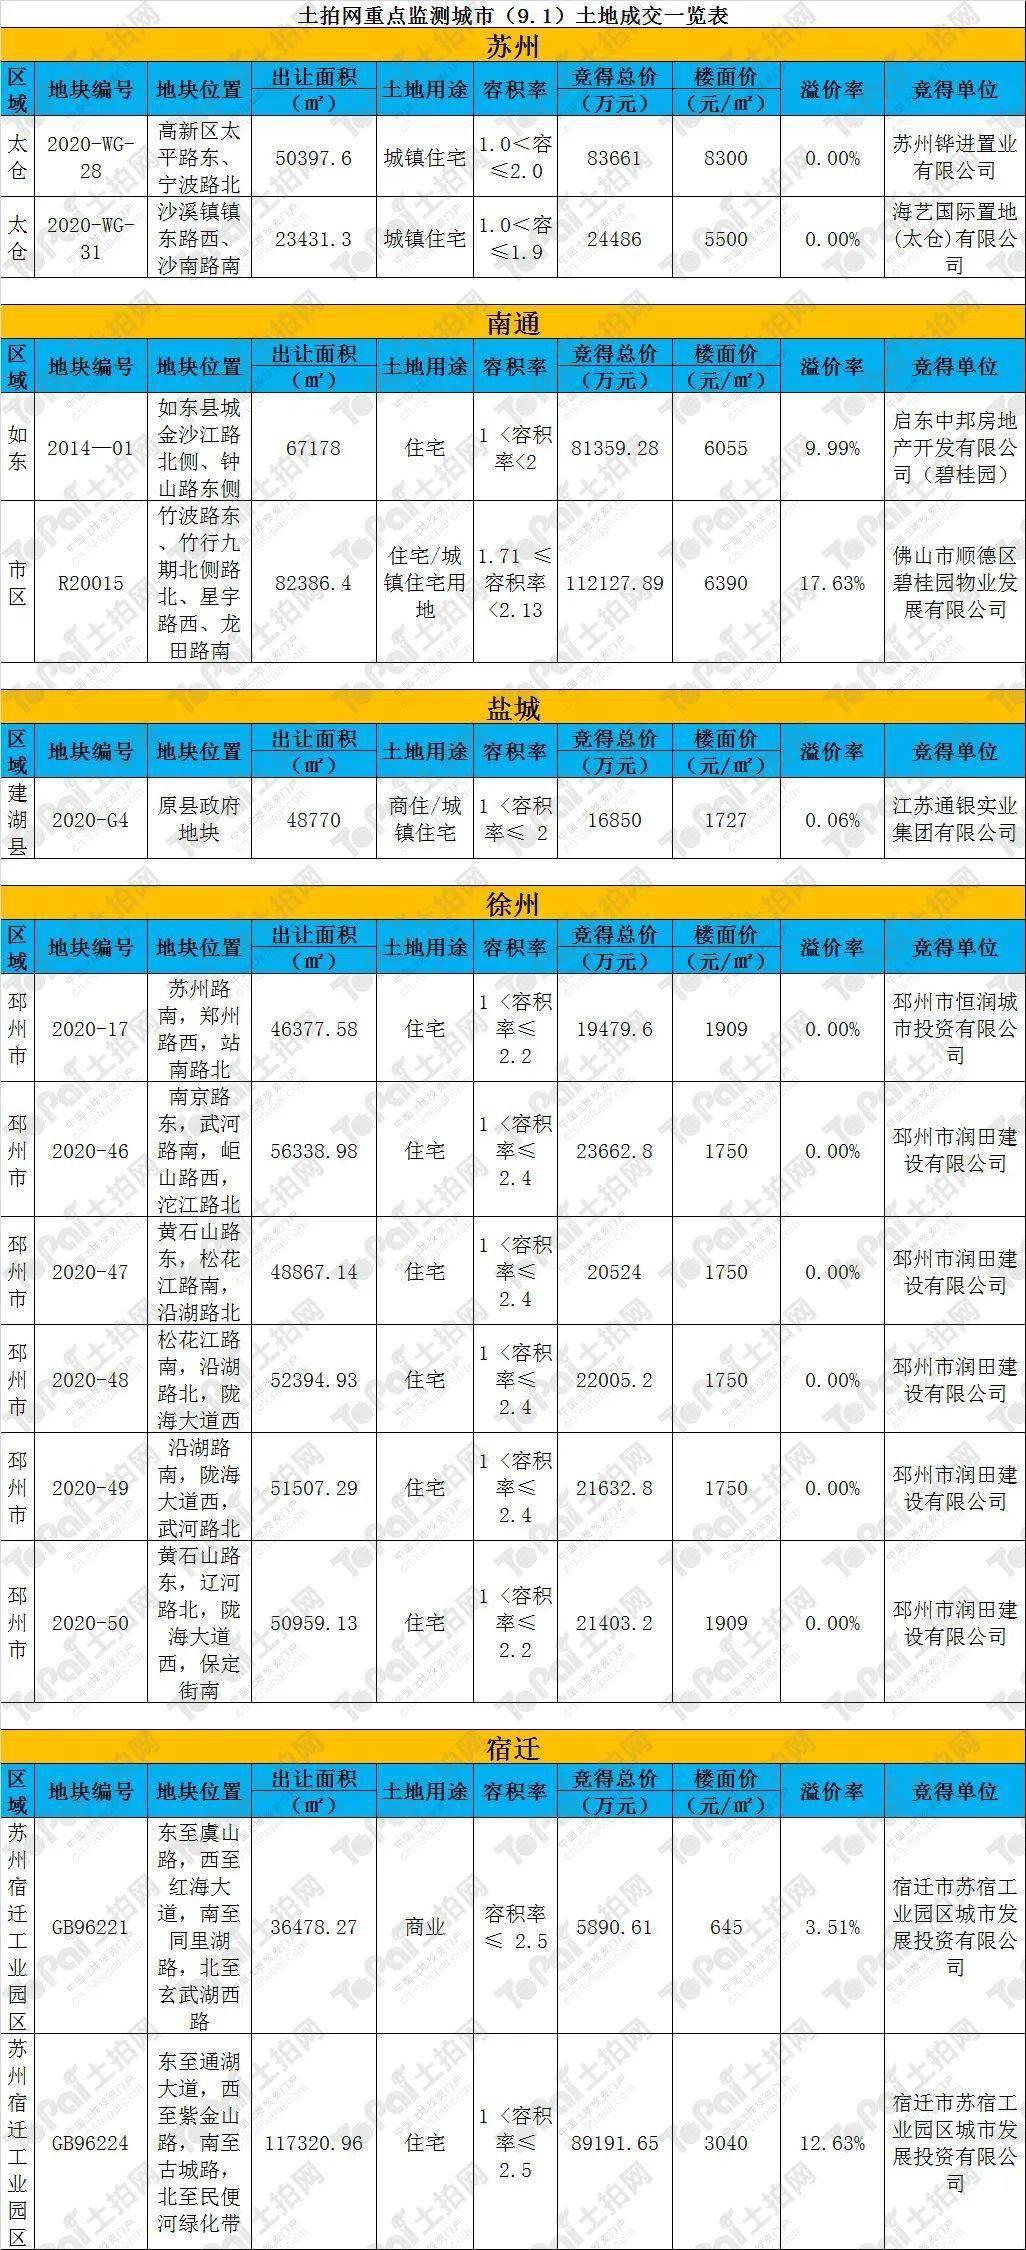 [土牌日报]土拍网重点监测大都会(9.1)成交日报